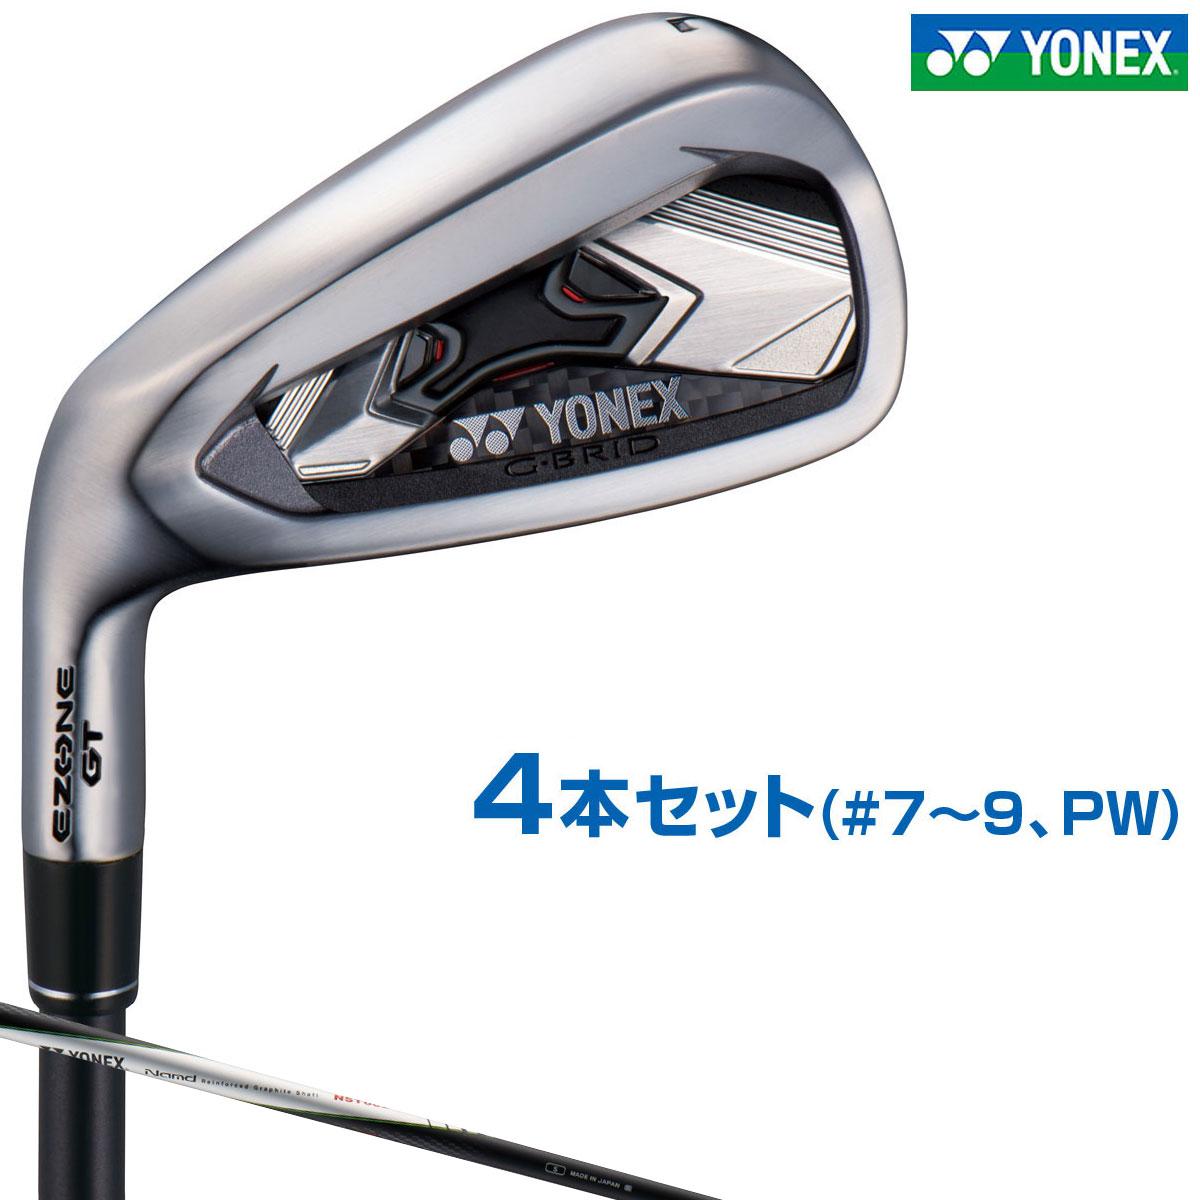 【【最大3300円OFFクーポン】】YONEX(ヨネックス)日本正規品 EZONE GTアイアン 2020新製品 NST002カーボンシャフト 4本セット(I#7~9、PW) 「レフトハンドモデル(左用)」